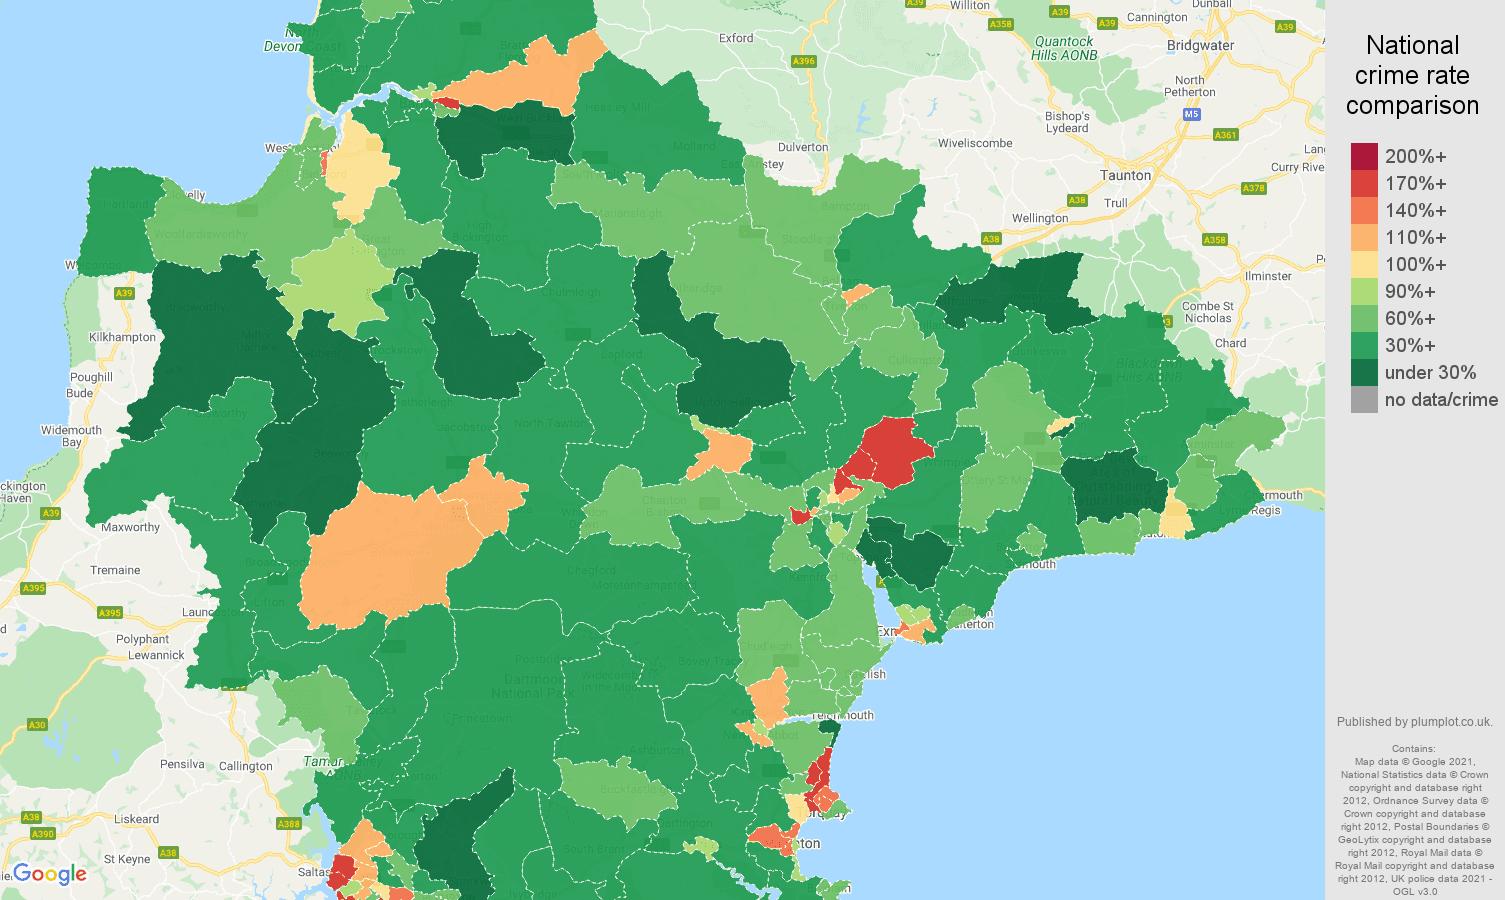 Devon criminal damage and arson crime rate comparison map